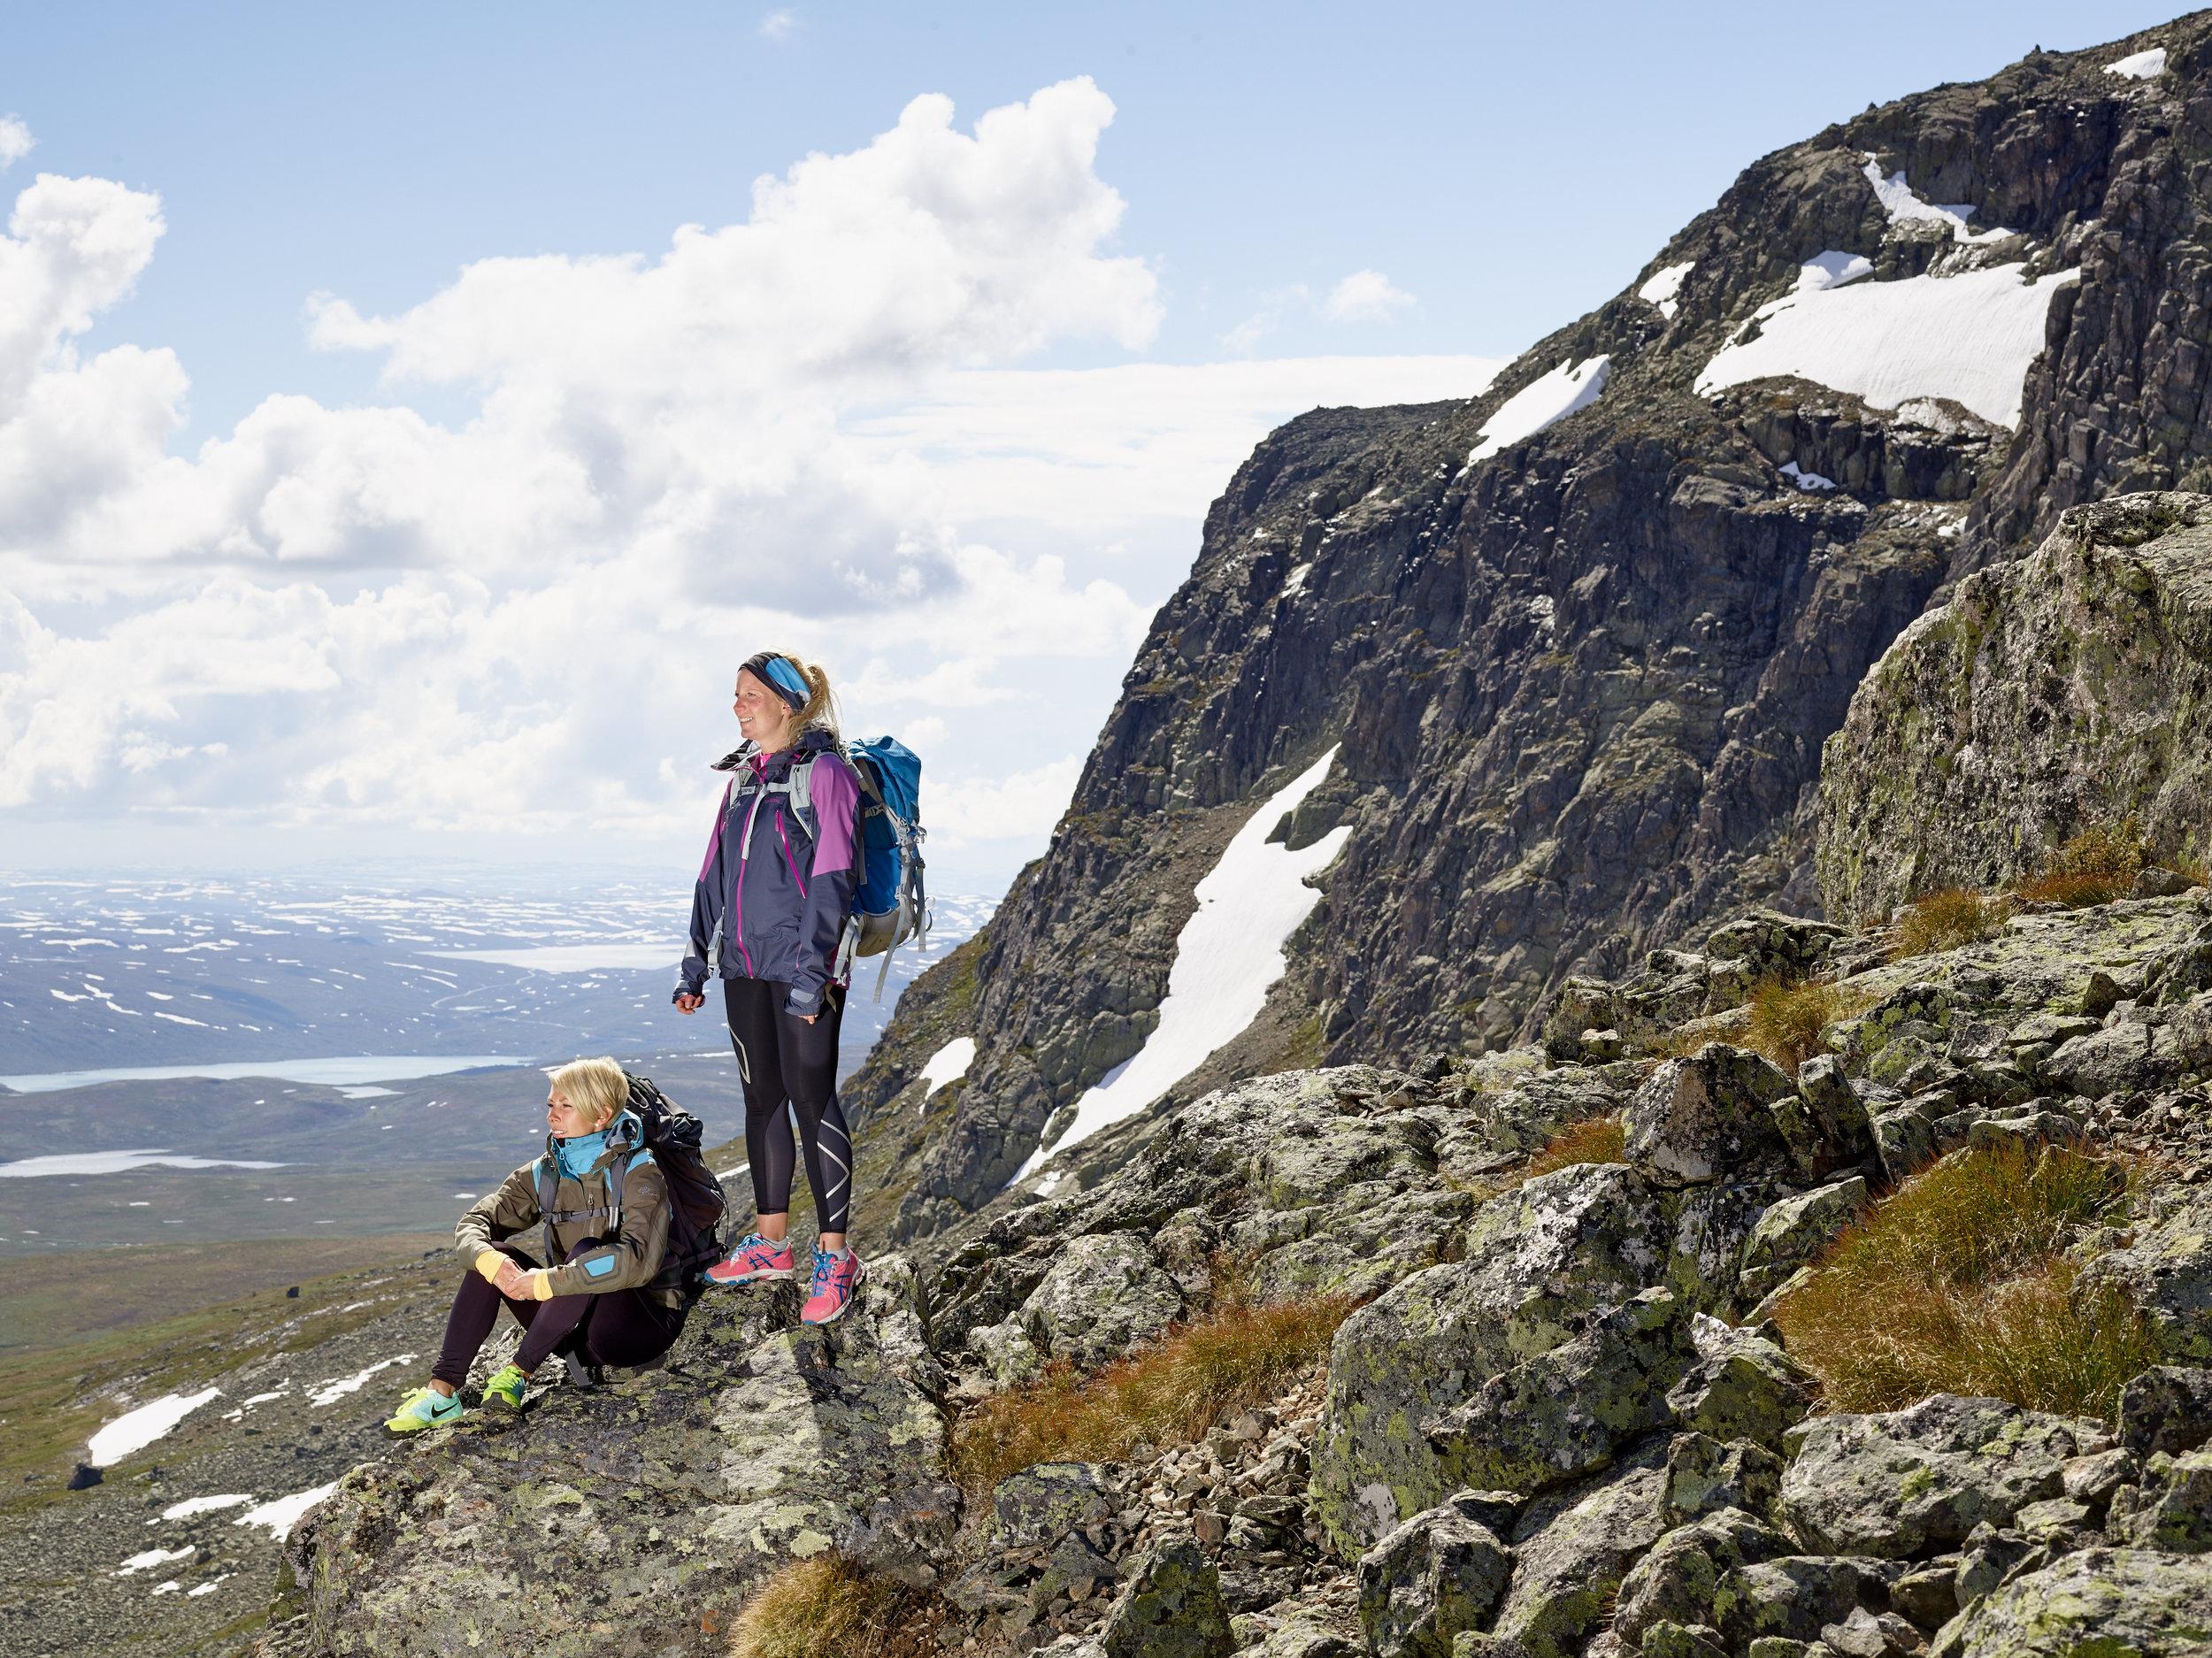 utsikt-hardangervidda-hallingskarvet-nasjonalpark-prestholtstien-vandring-geilo-sommer-emile-holba.jpg